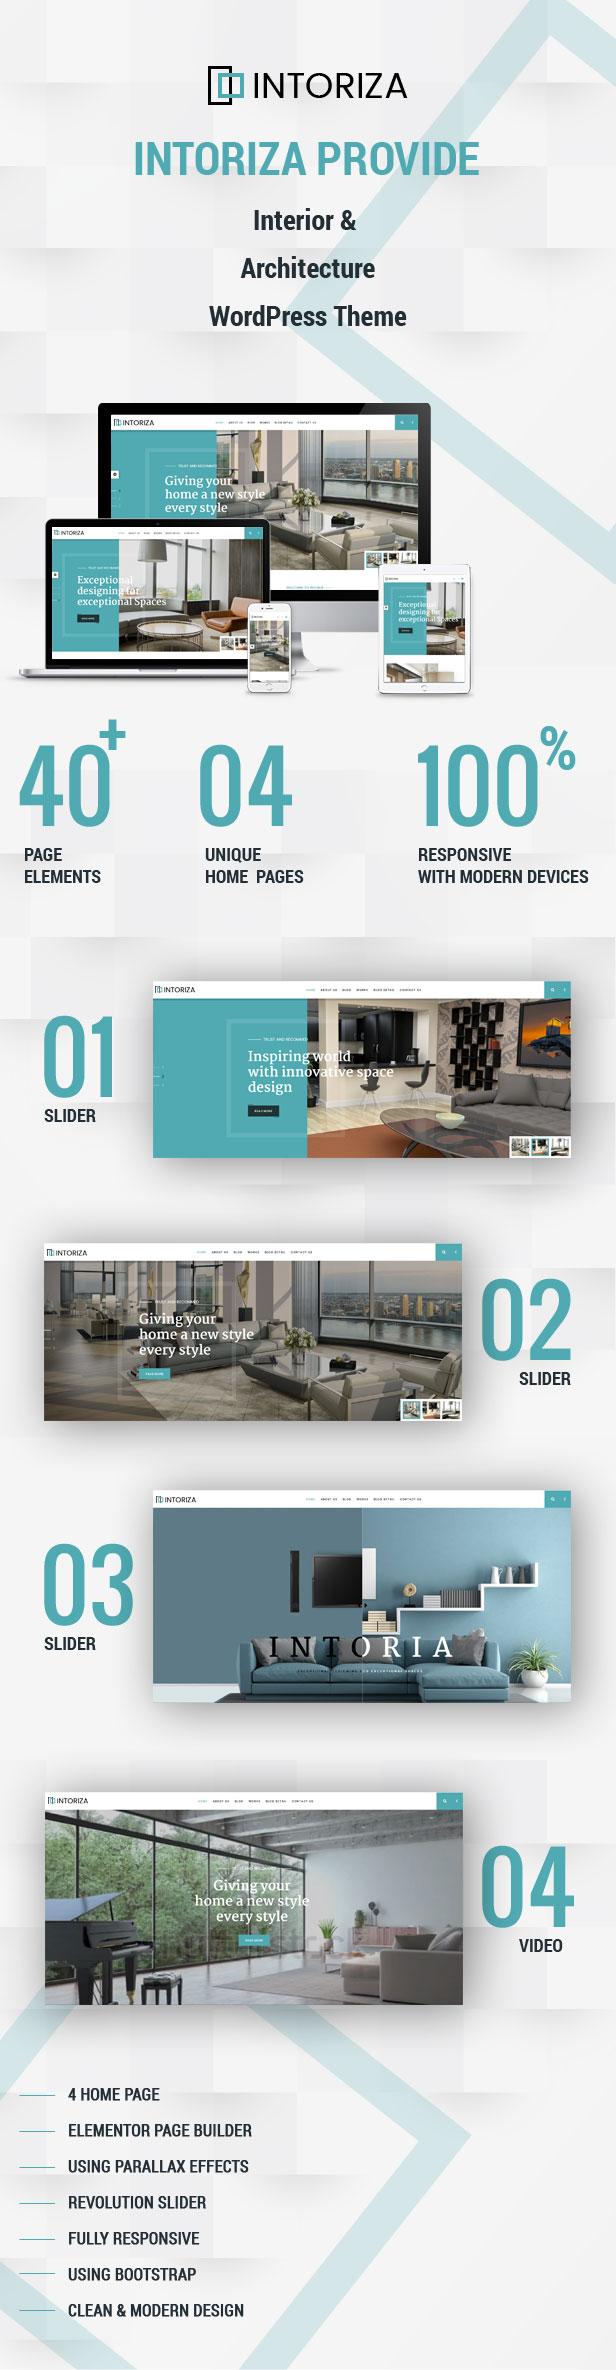 Intoriza - Interior Architecture WordPress Theme - 4